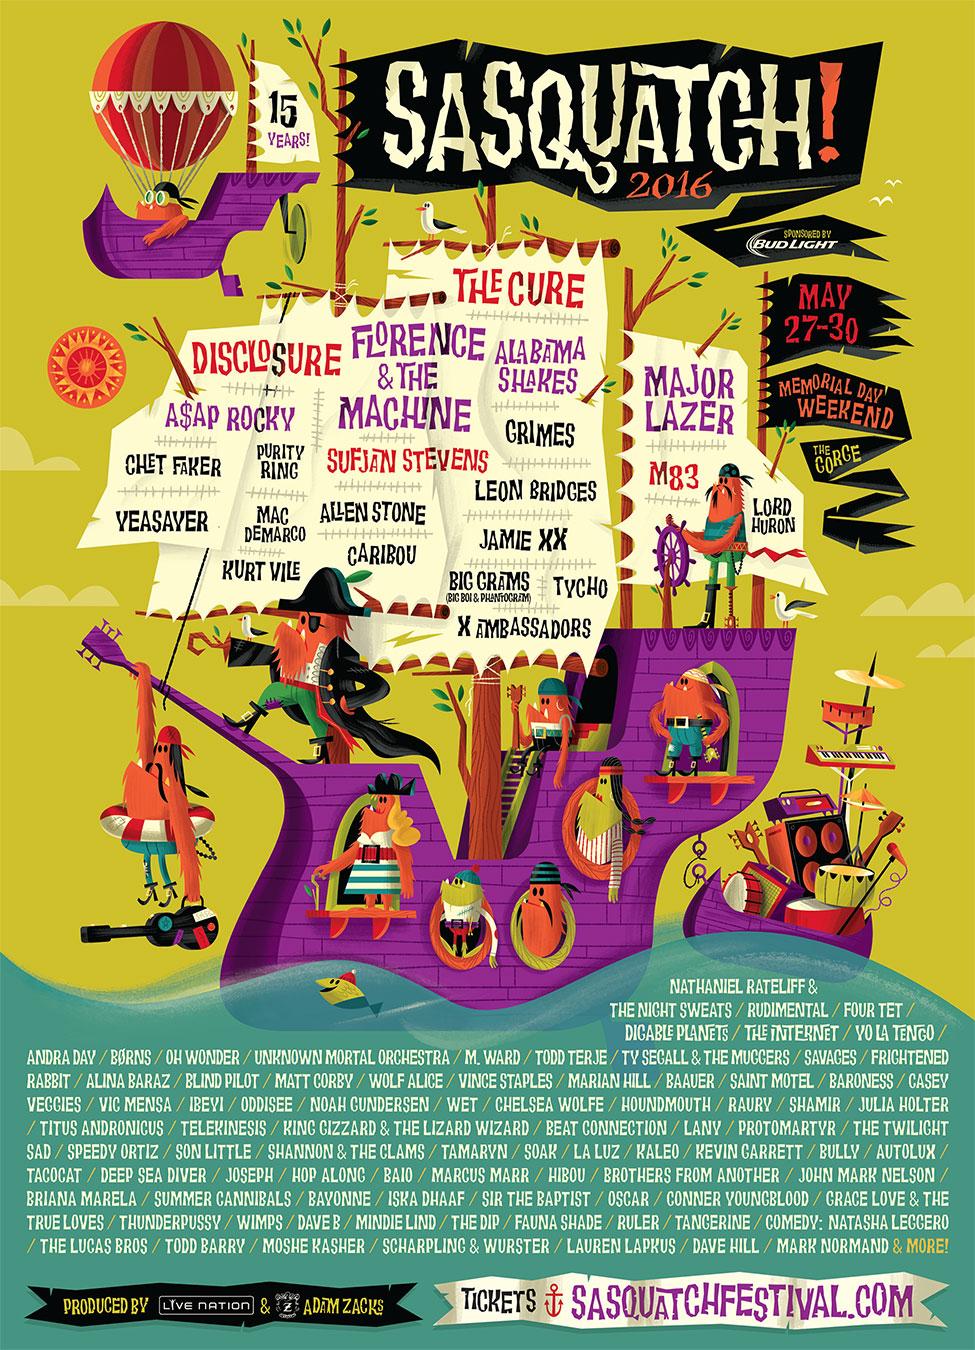 Image: Sasquatch! Festival